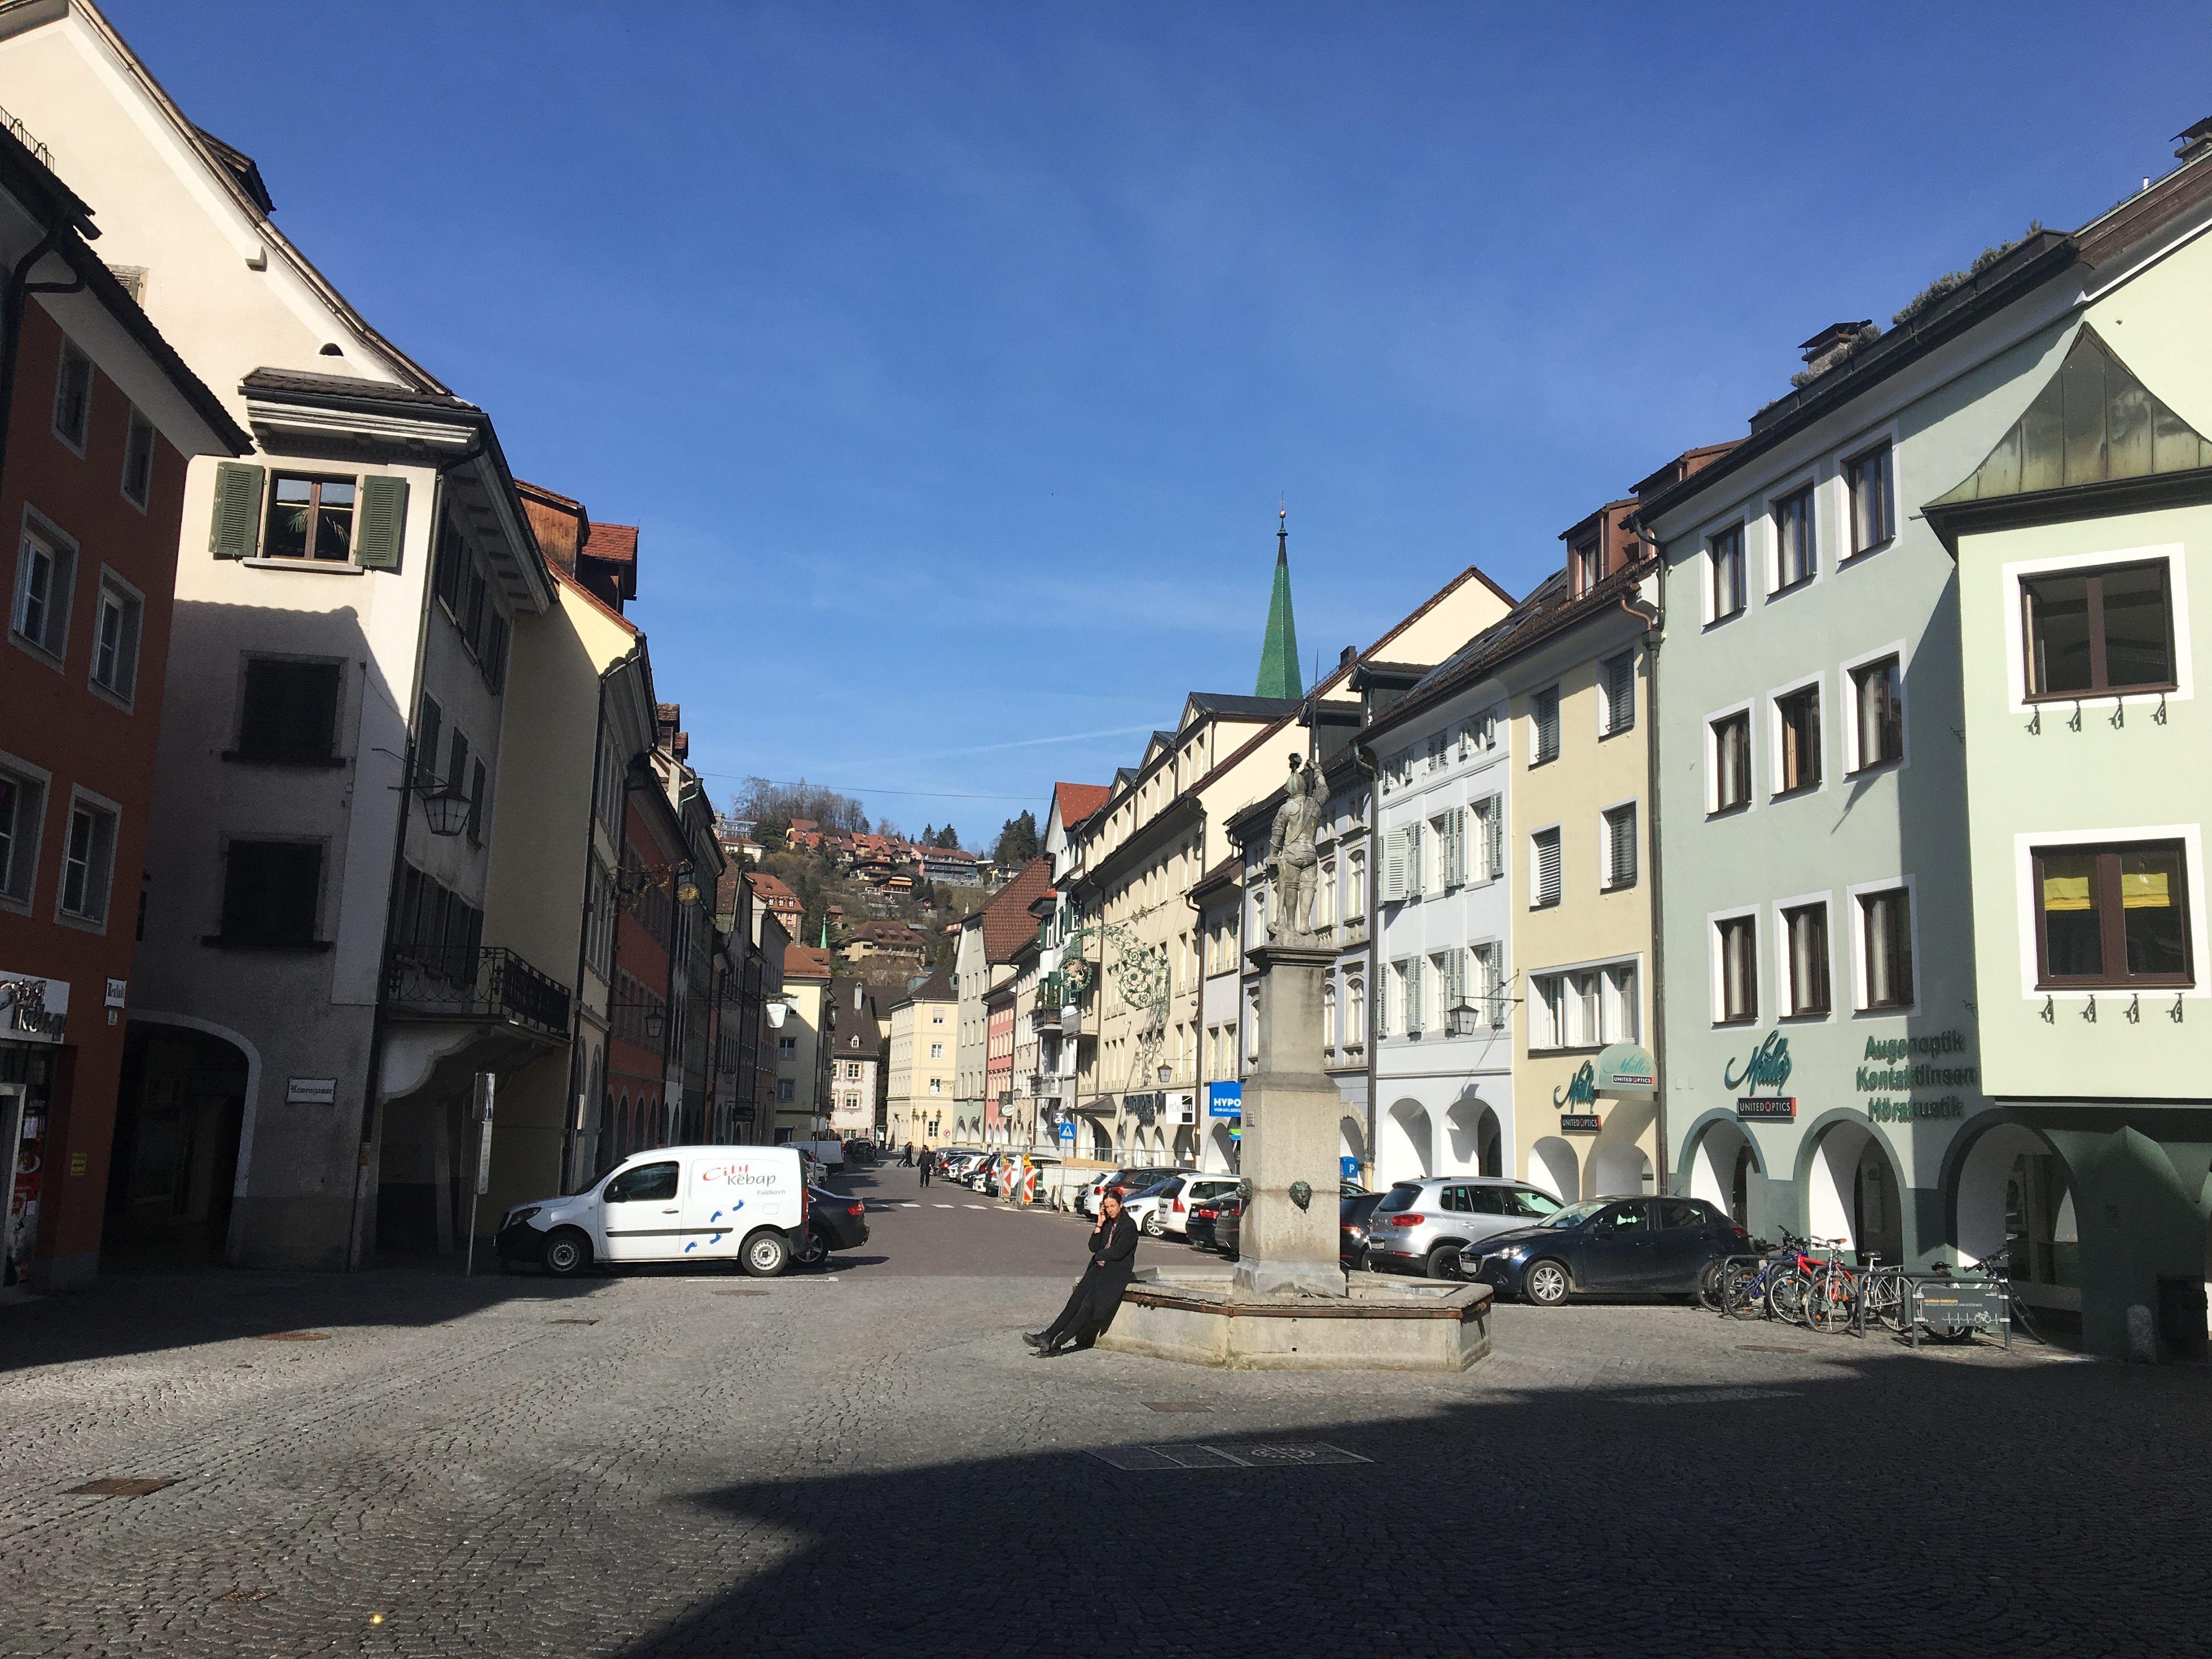 Hausbesuche in Feldkirch - Bekanntschaften - Partnersuche